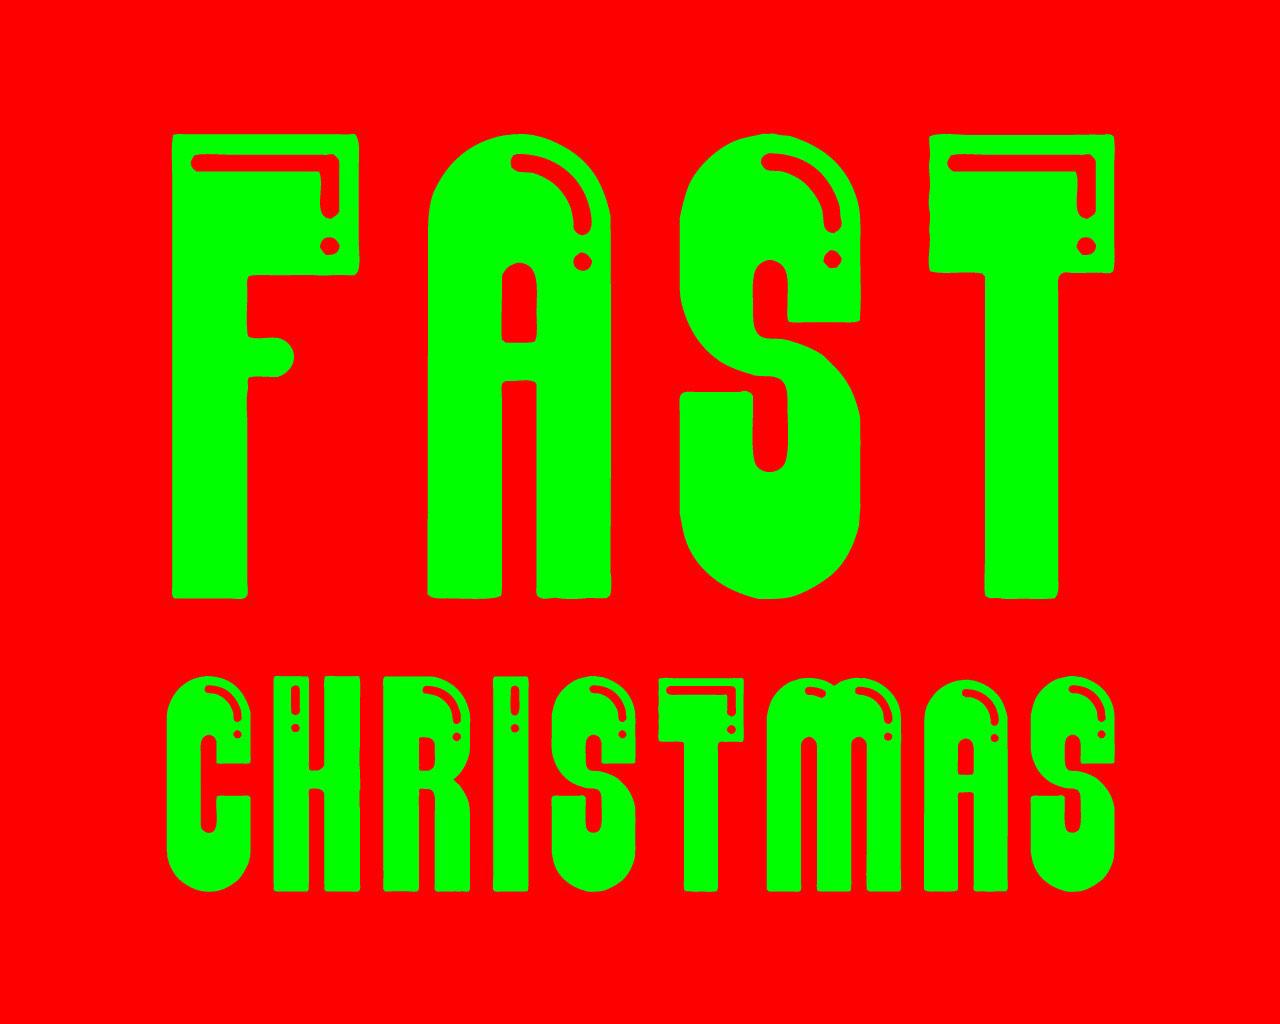 FAST CHRISTMAS